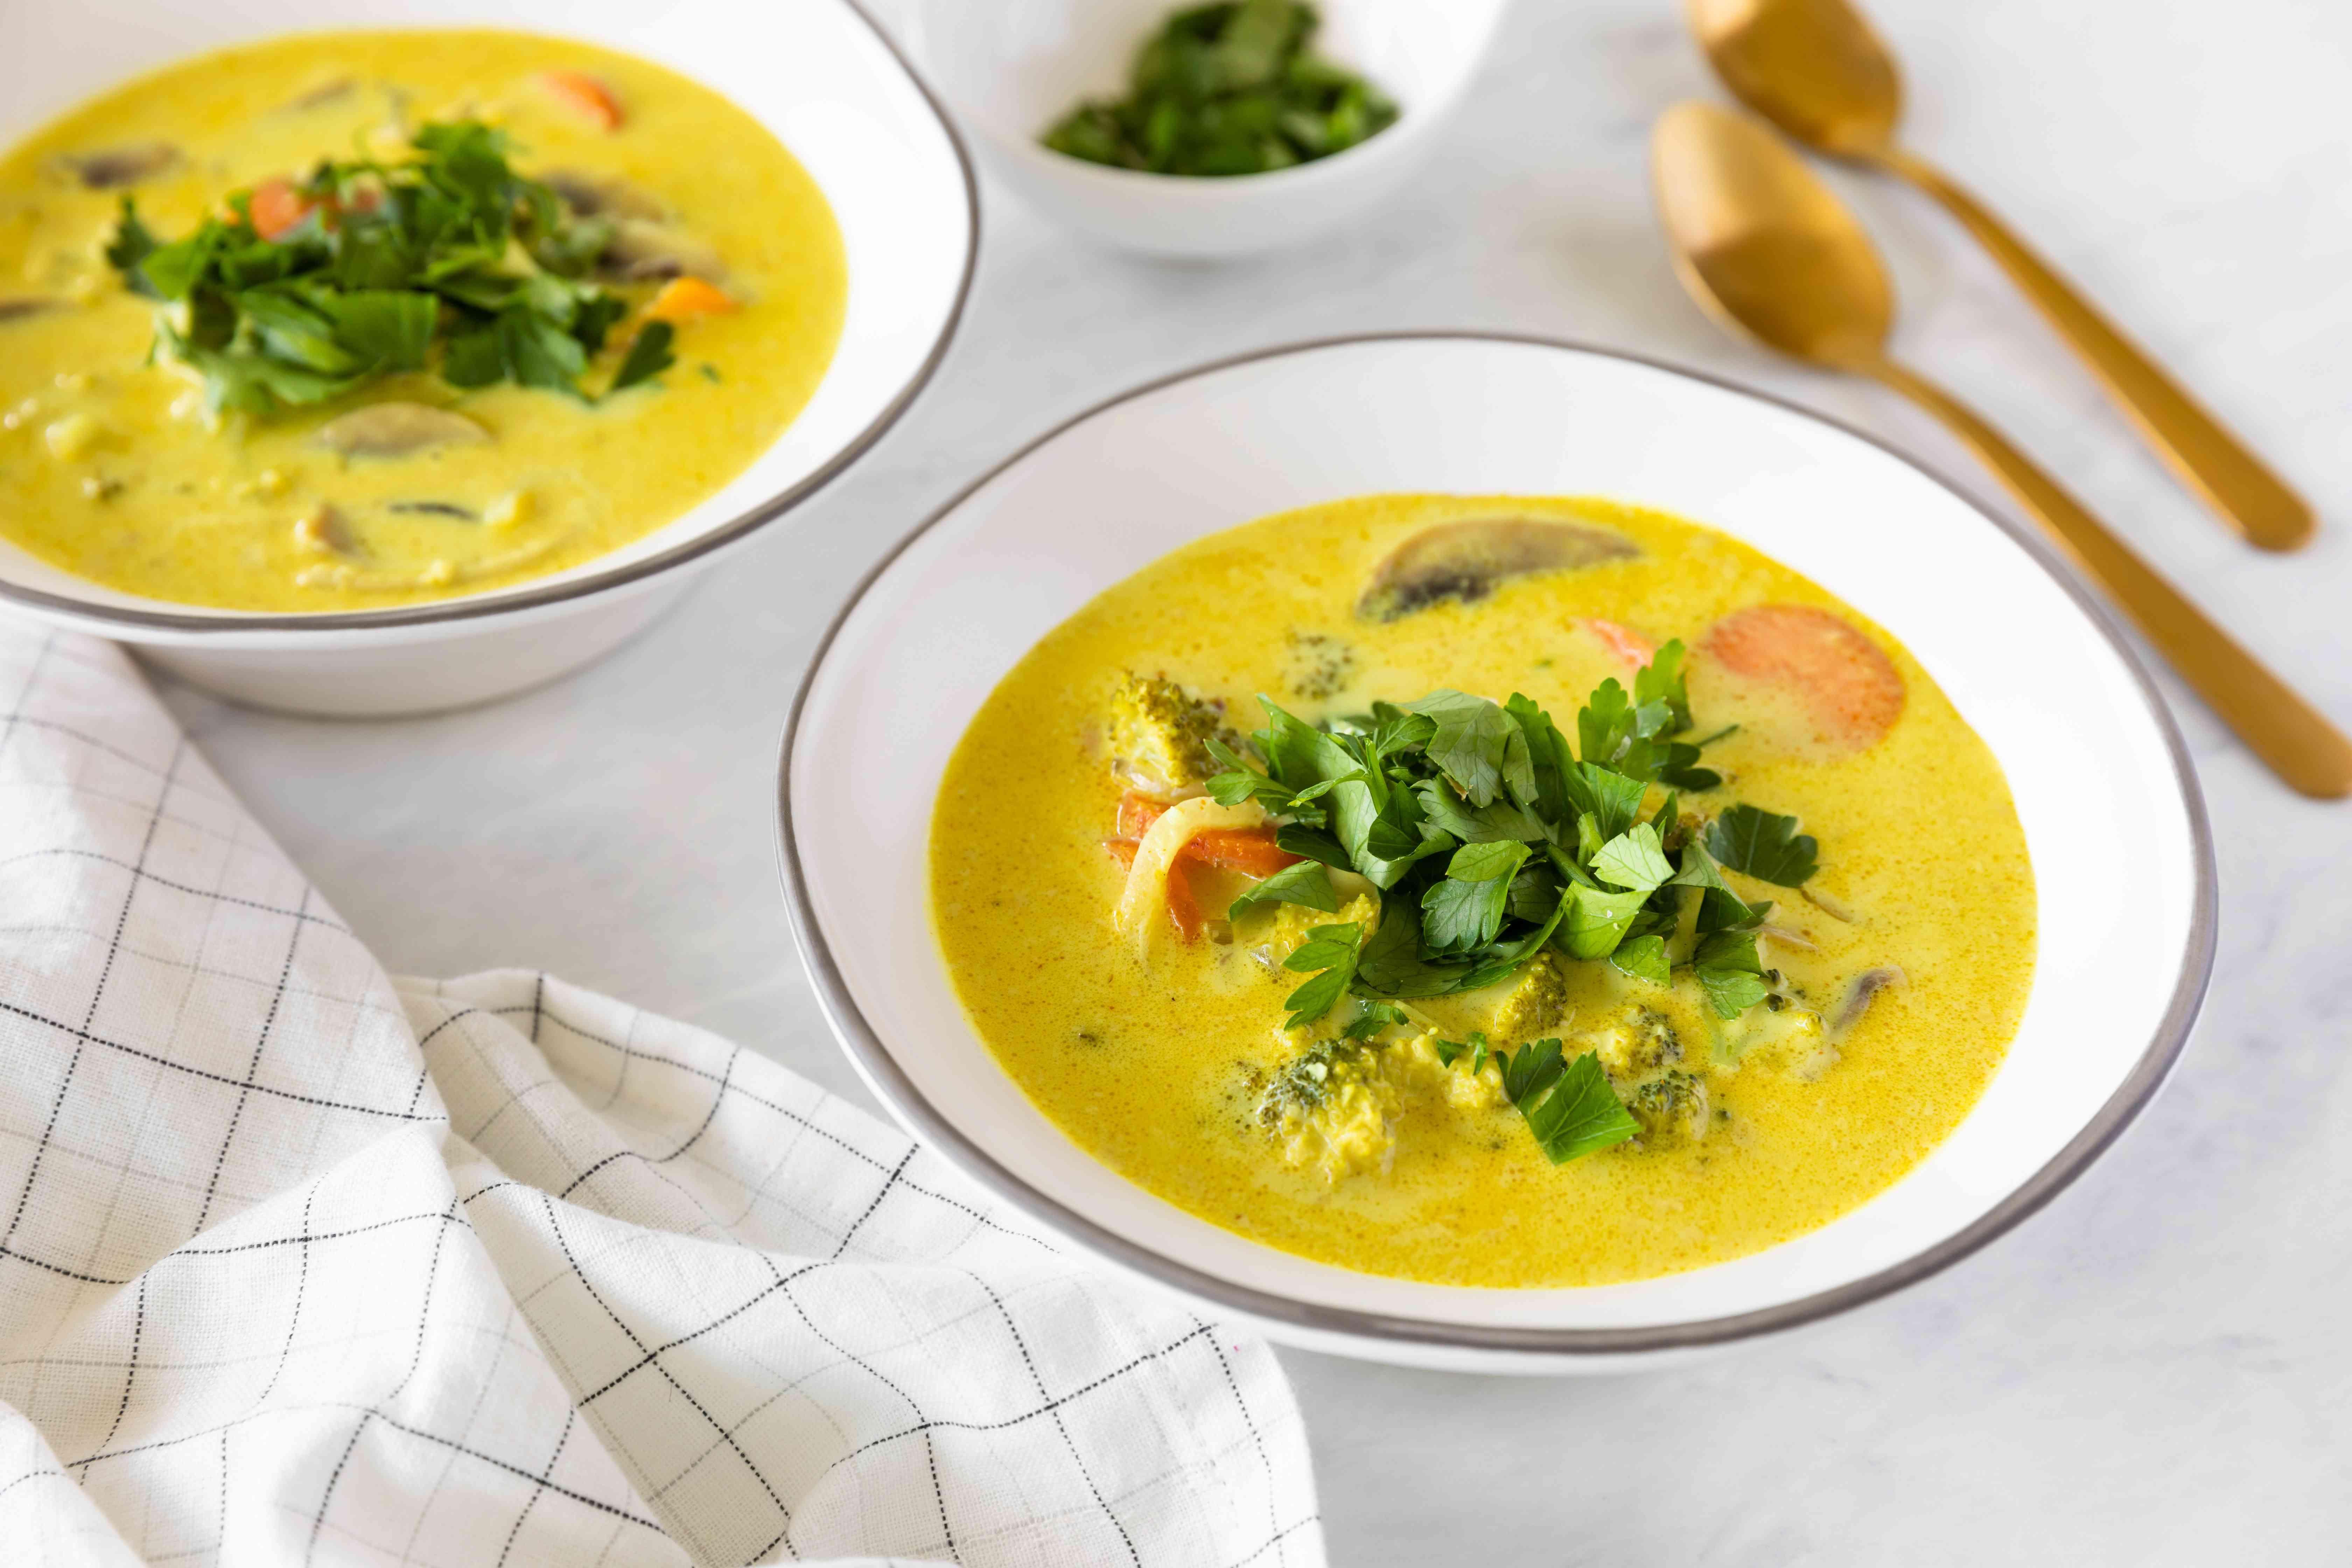 Madras curry recipes